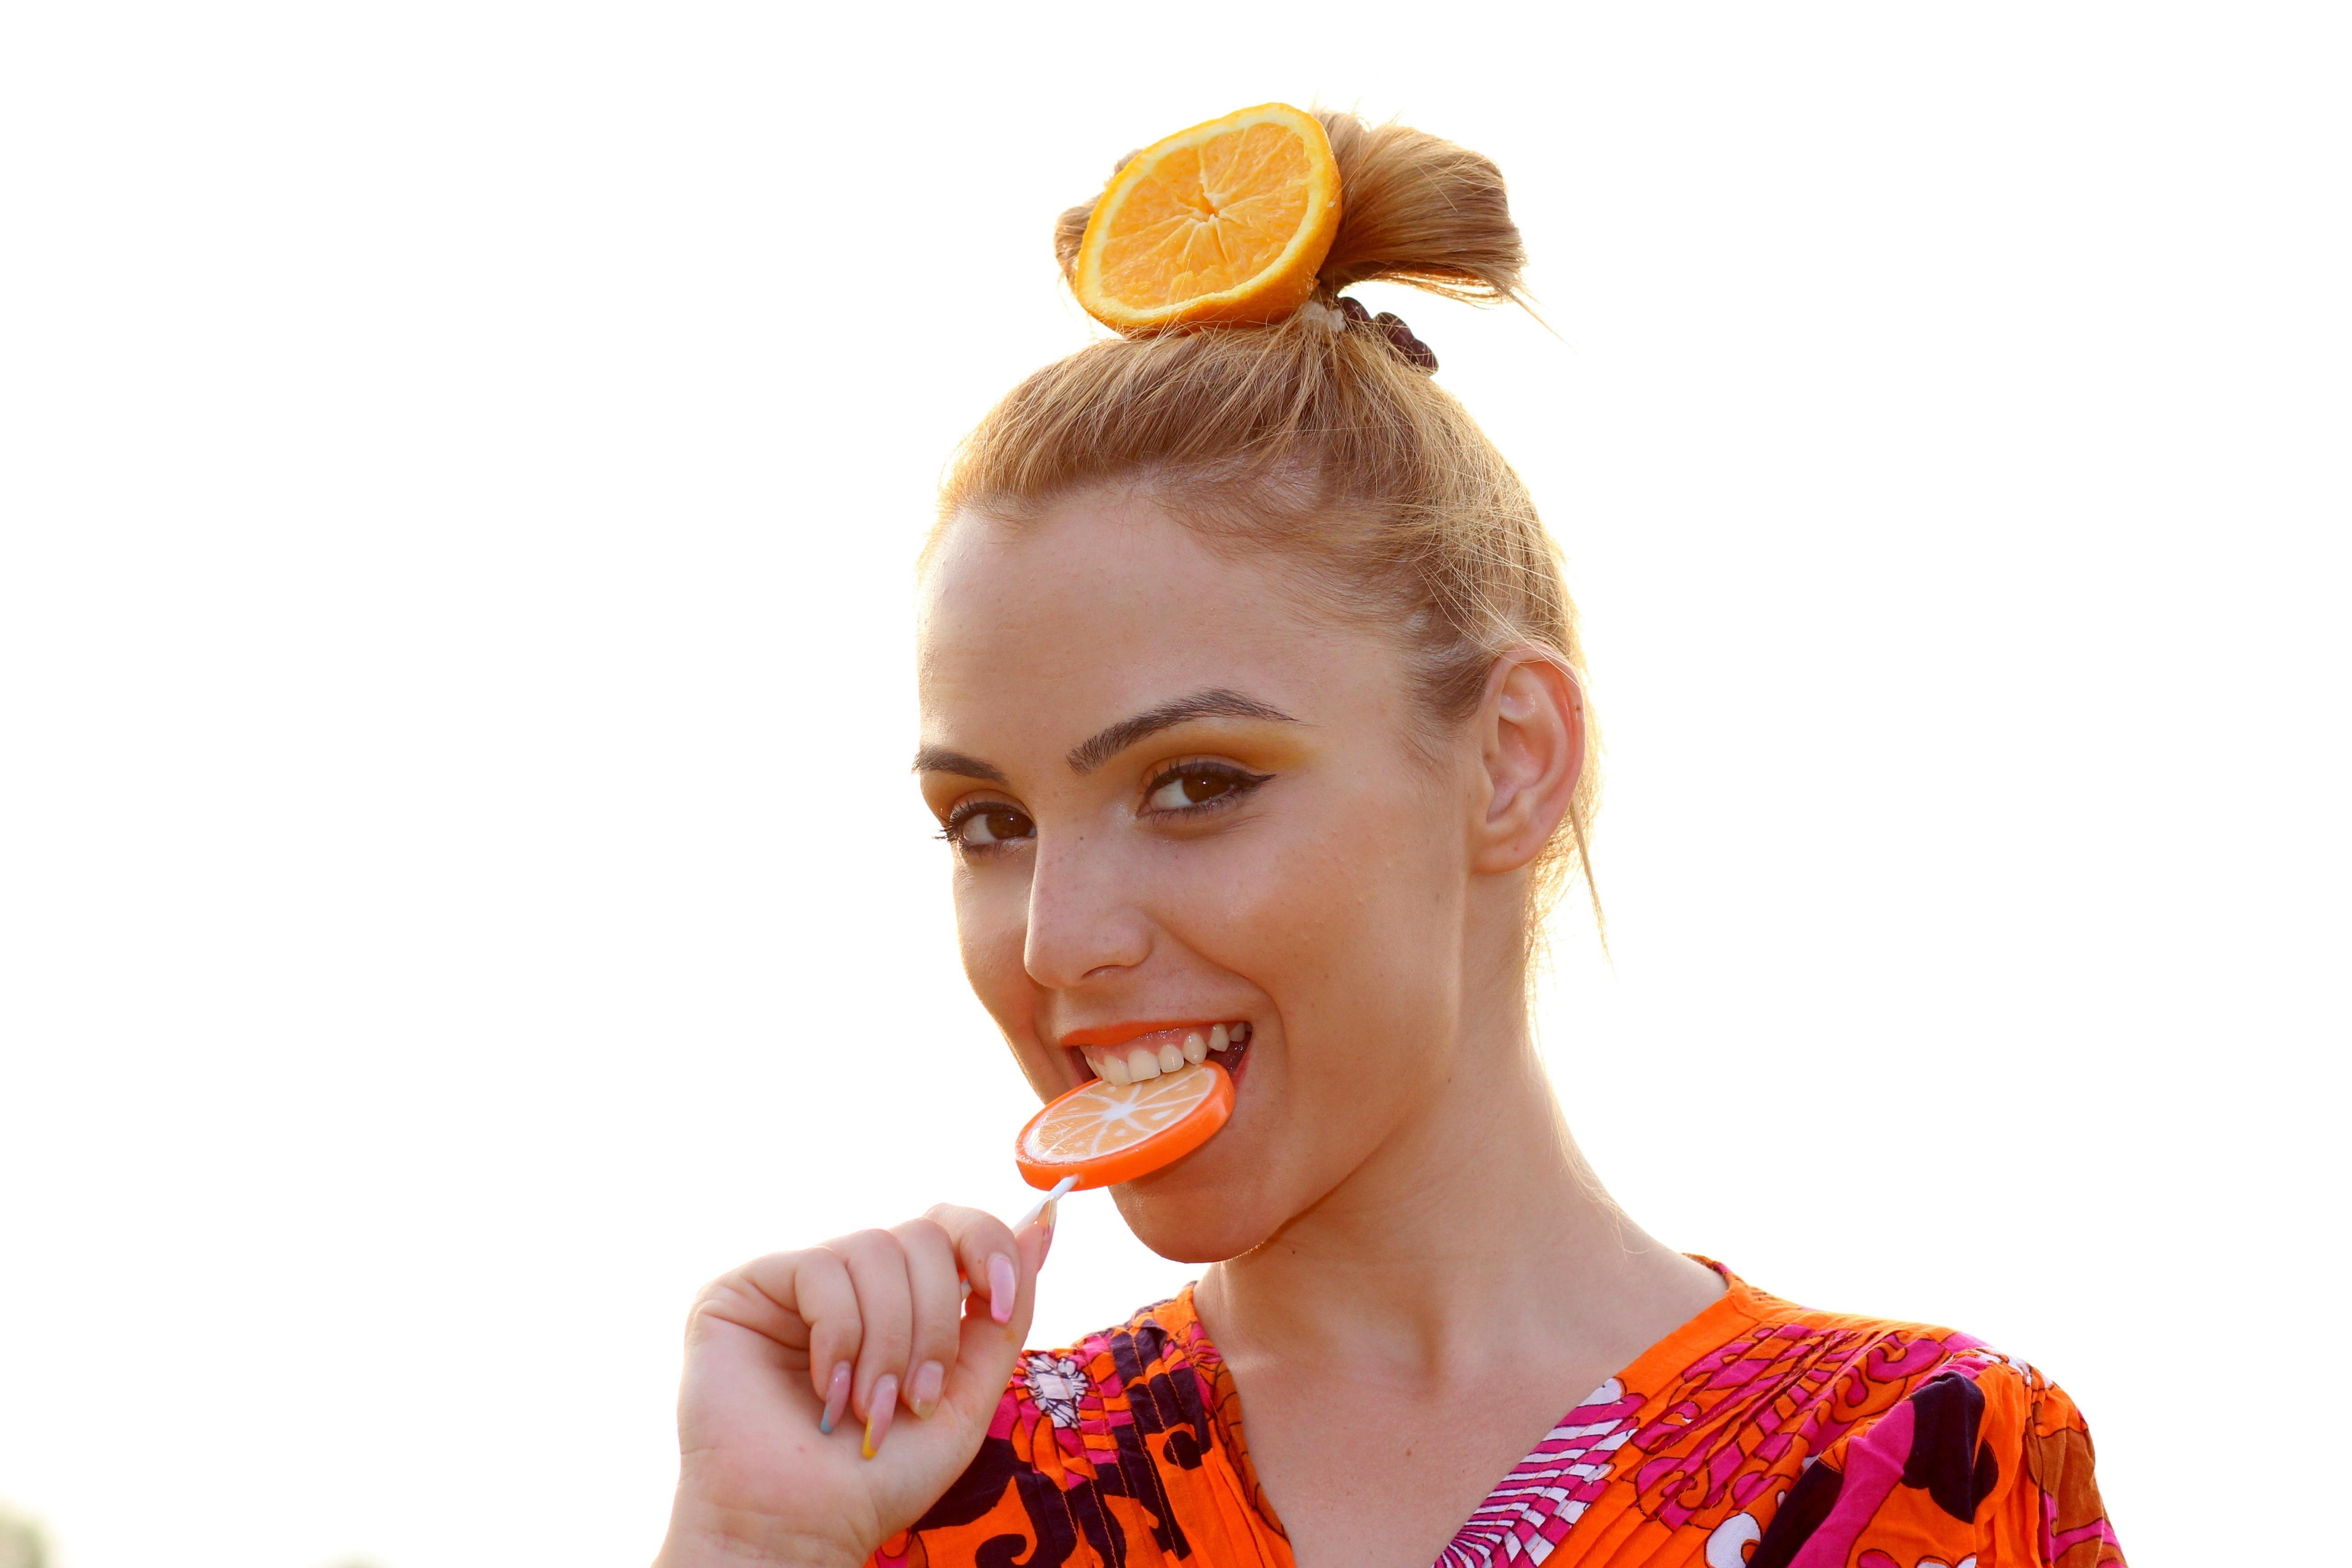 girl-hair-orange-finger-food-tropical-548592-pxhere.com